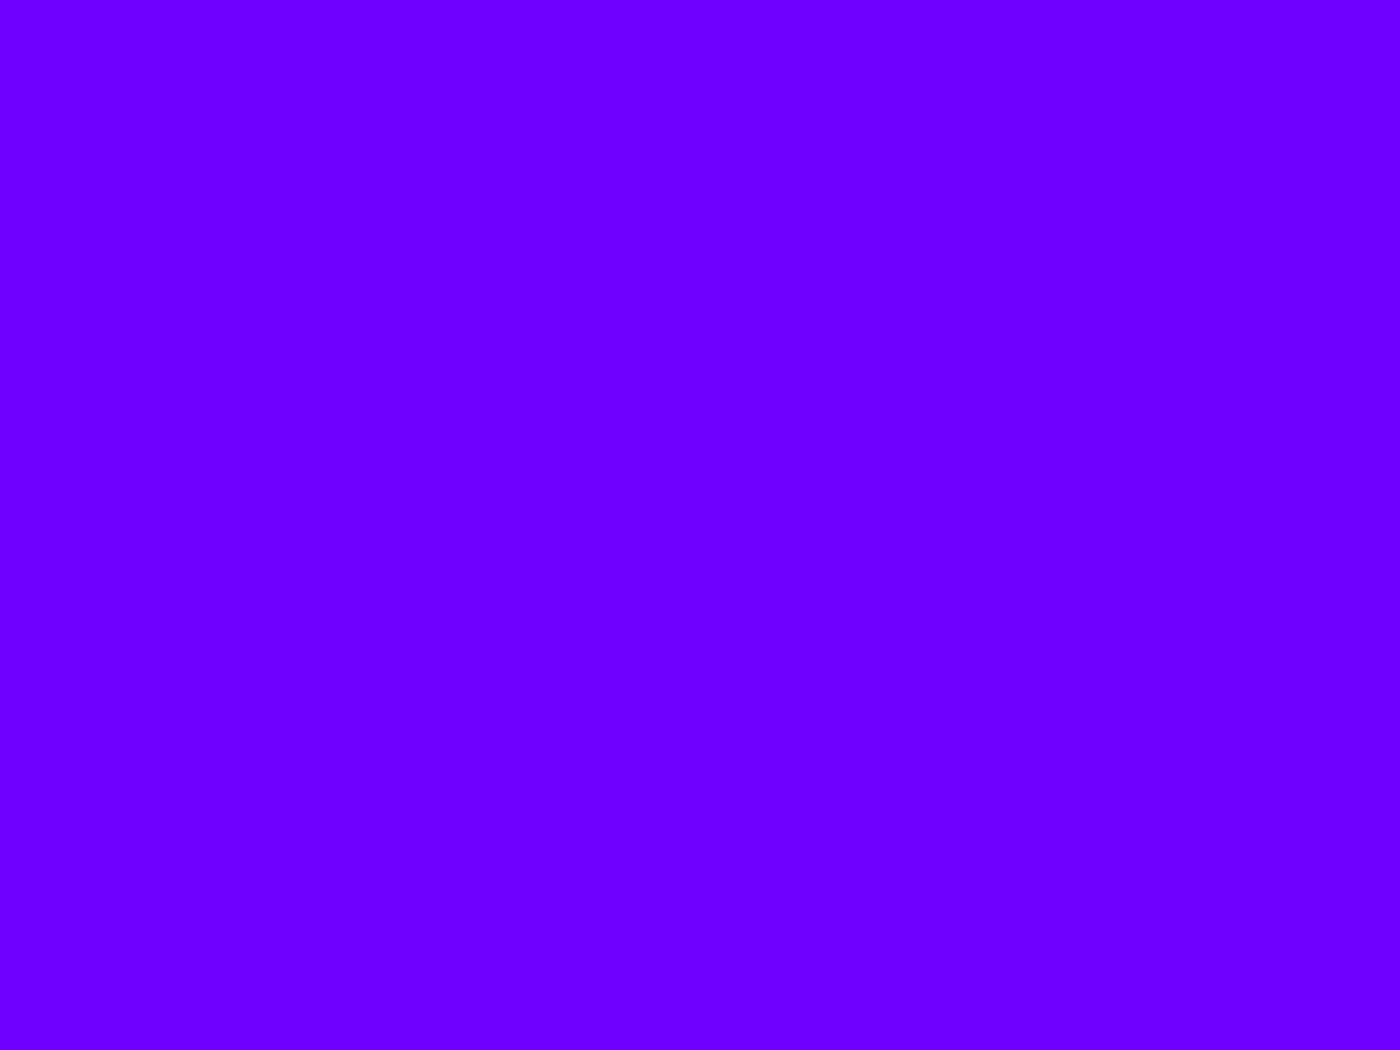 1400x1050 Indigo Solid Color Background